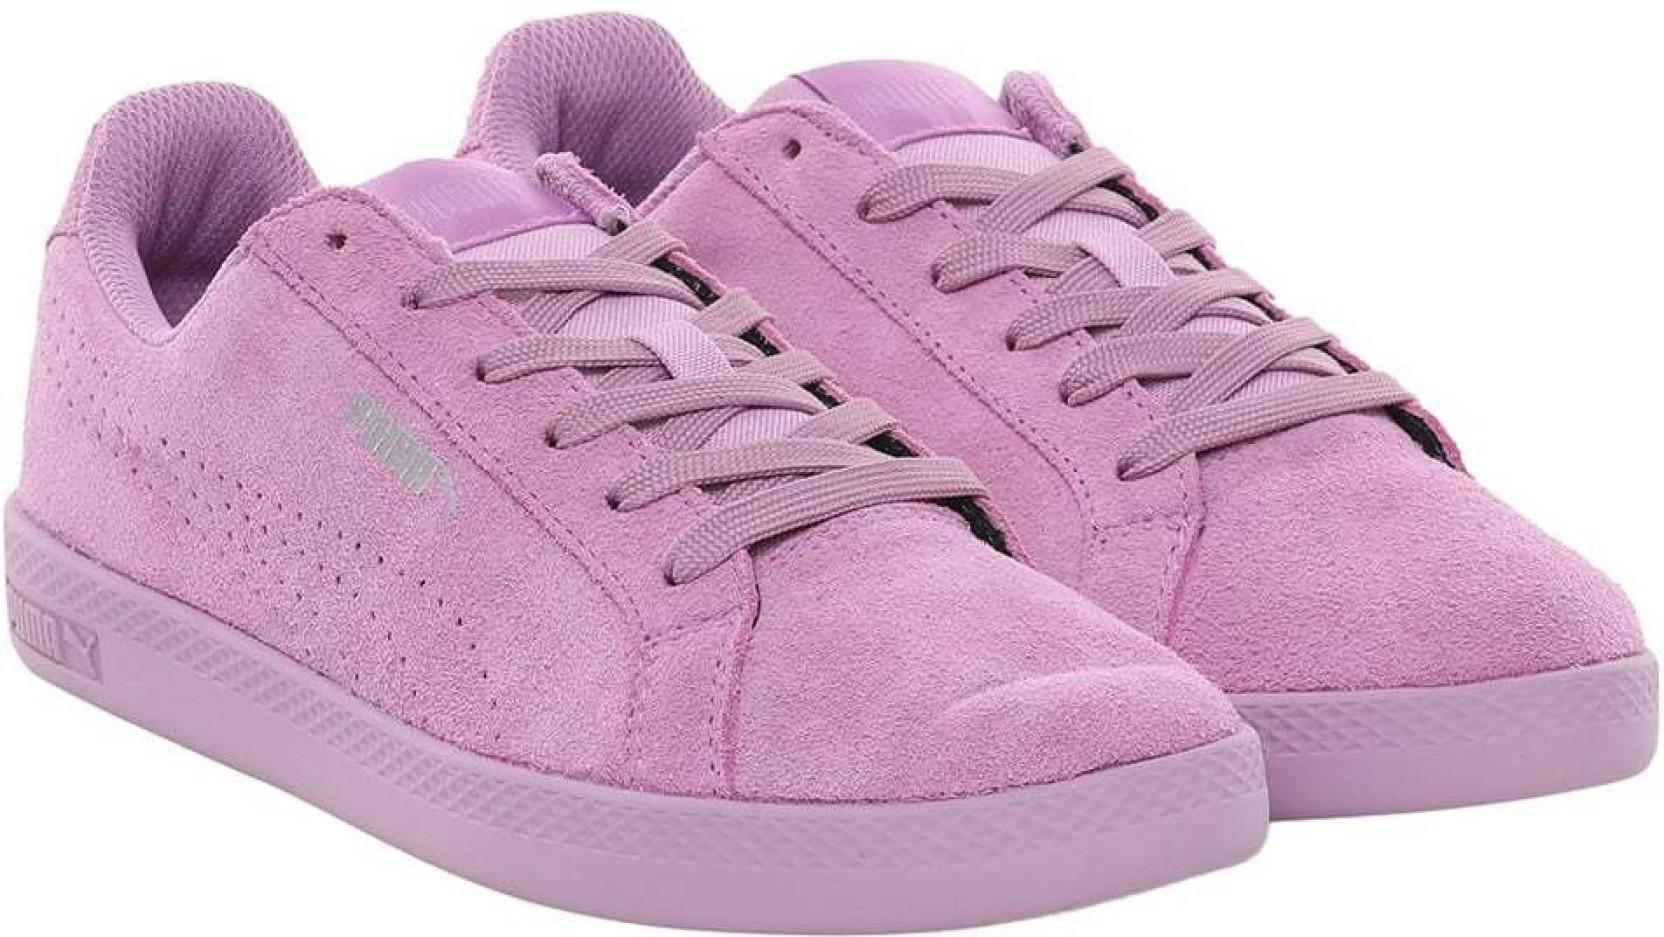 d0aea754960638 Puma Puma Smash Wns Perf SD Sneakers For Women - Buy Puma Puma Smash ...